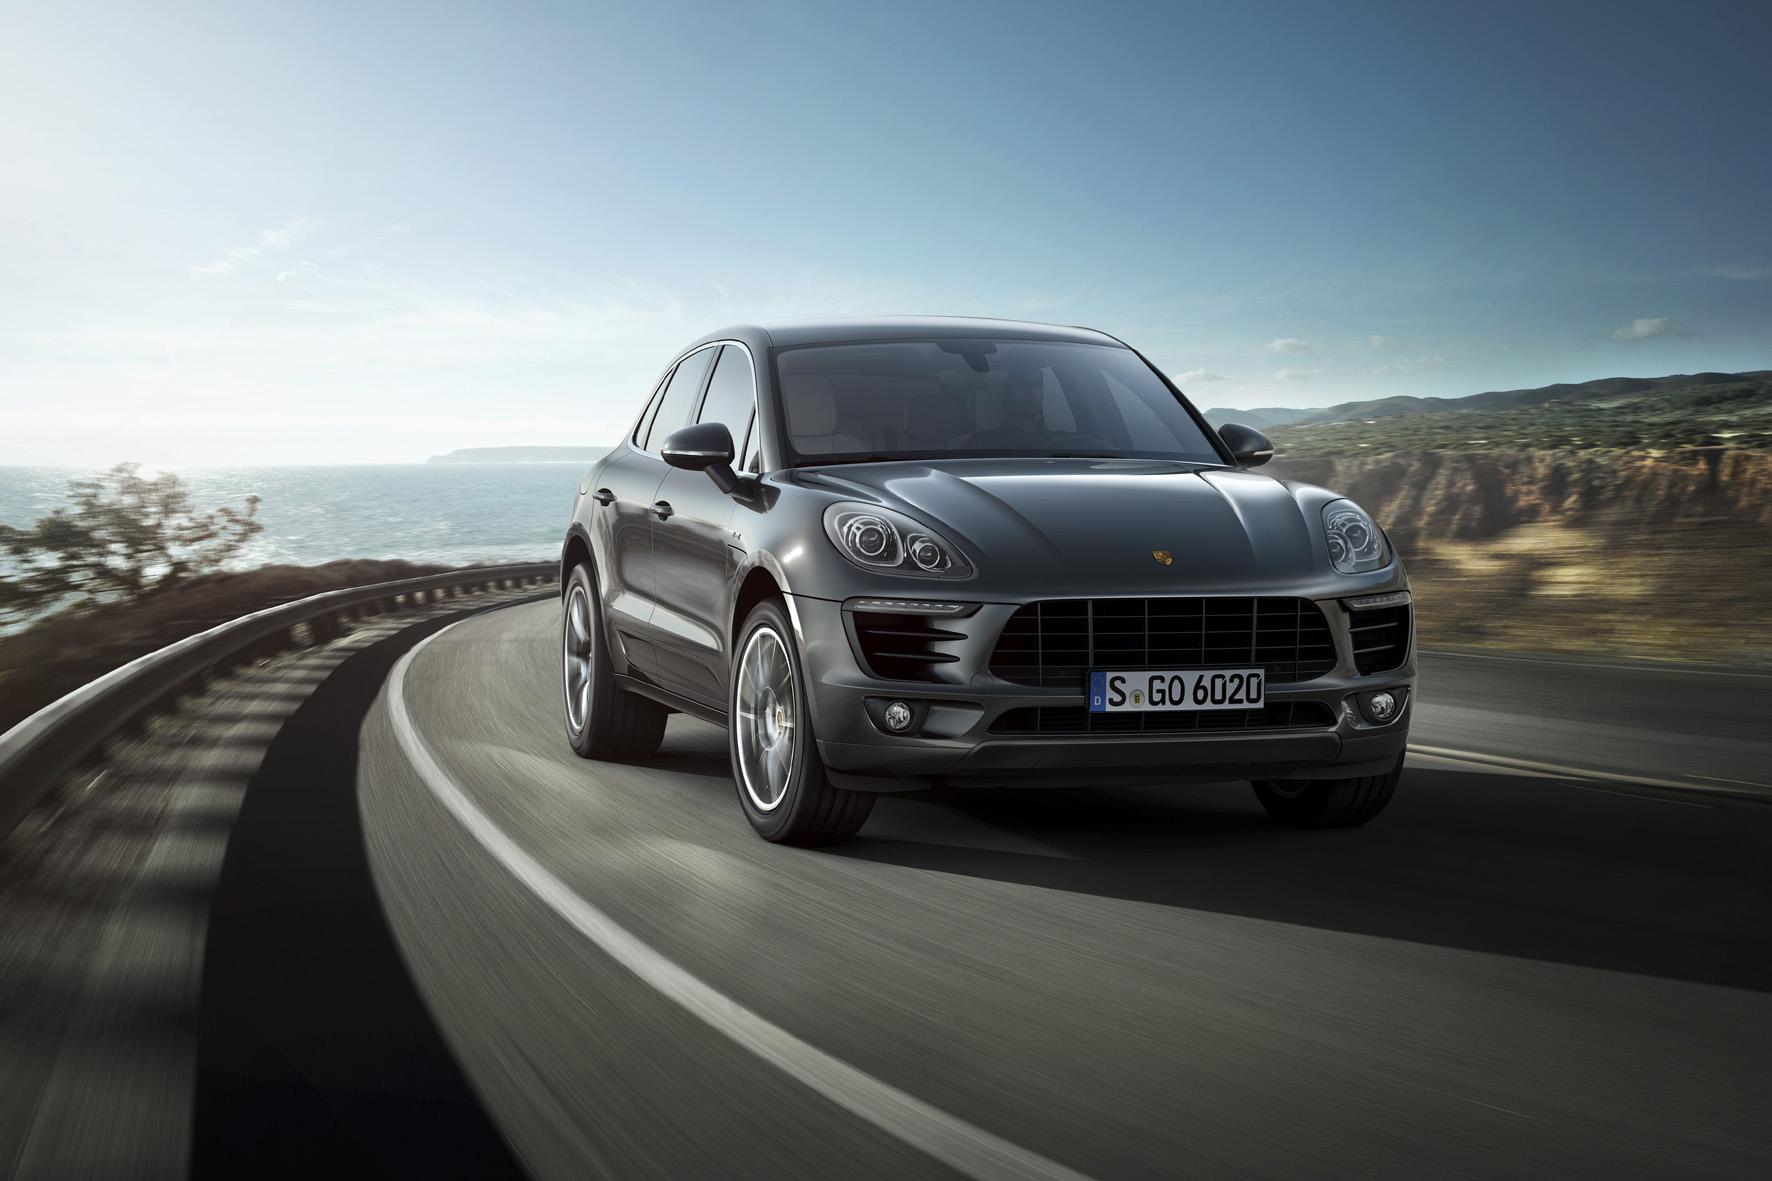 Porsche-Modelle wie der neue SUV Macan (Foto) sind im November beim deutschen Kunden sehr gefragt.